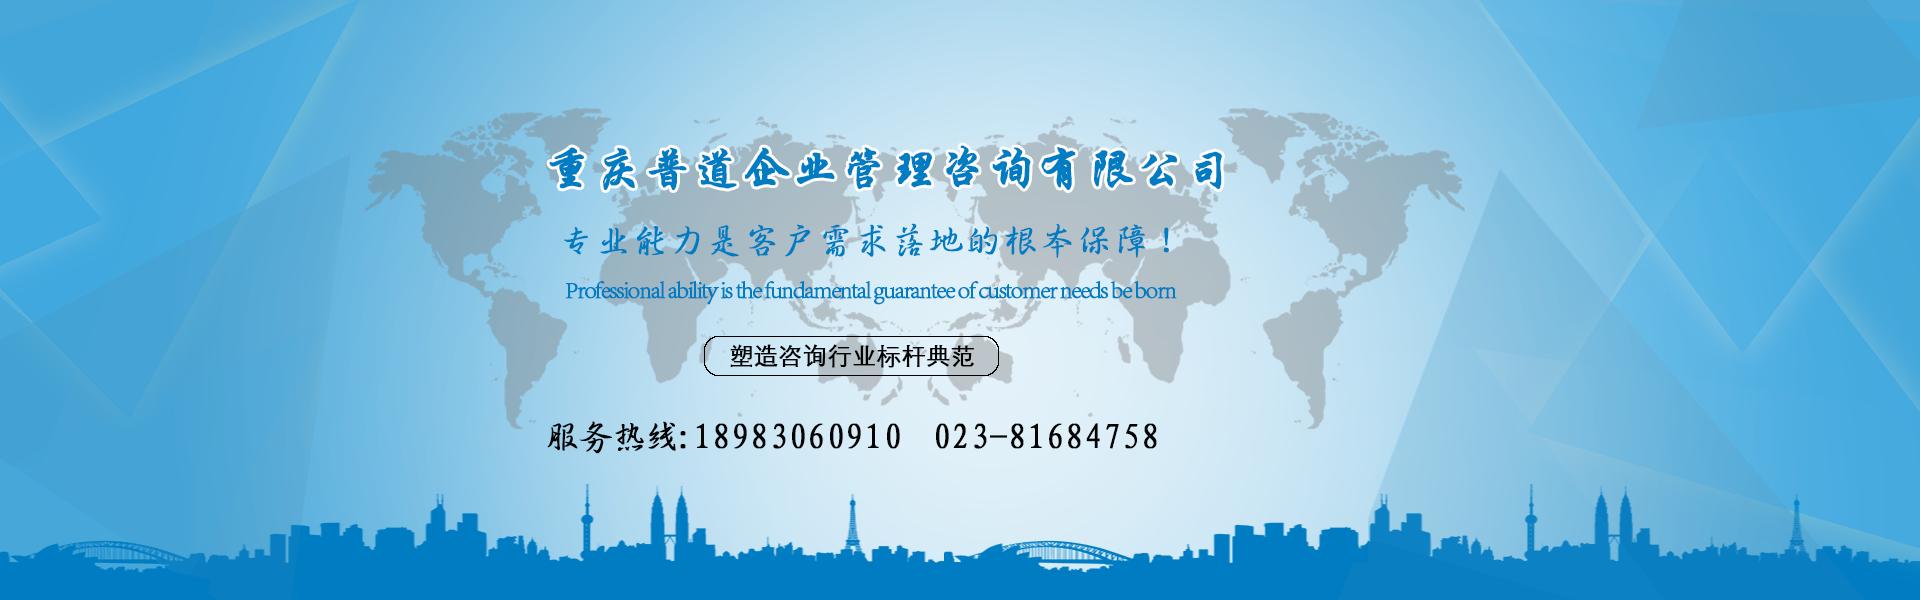 重慶ISO認證經營理念:專業能力是客戶需求落地的根本保障!